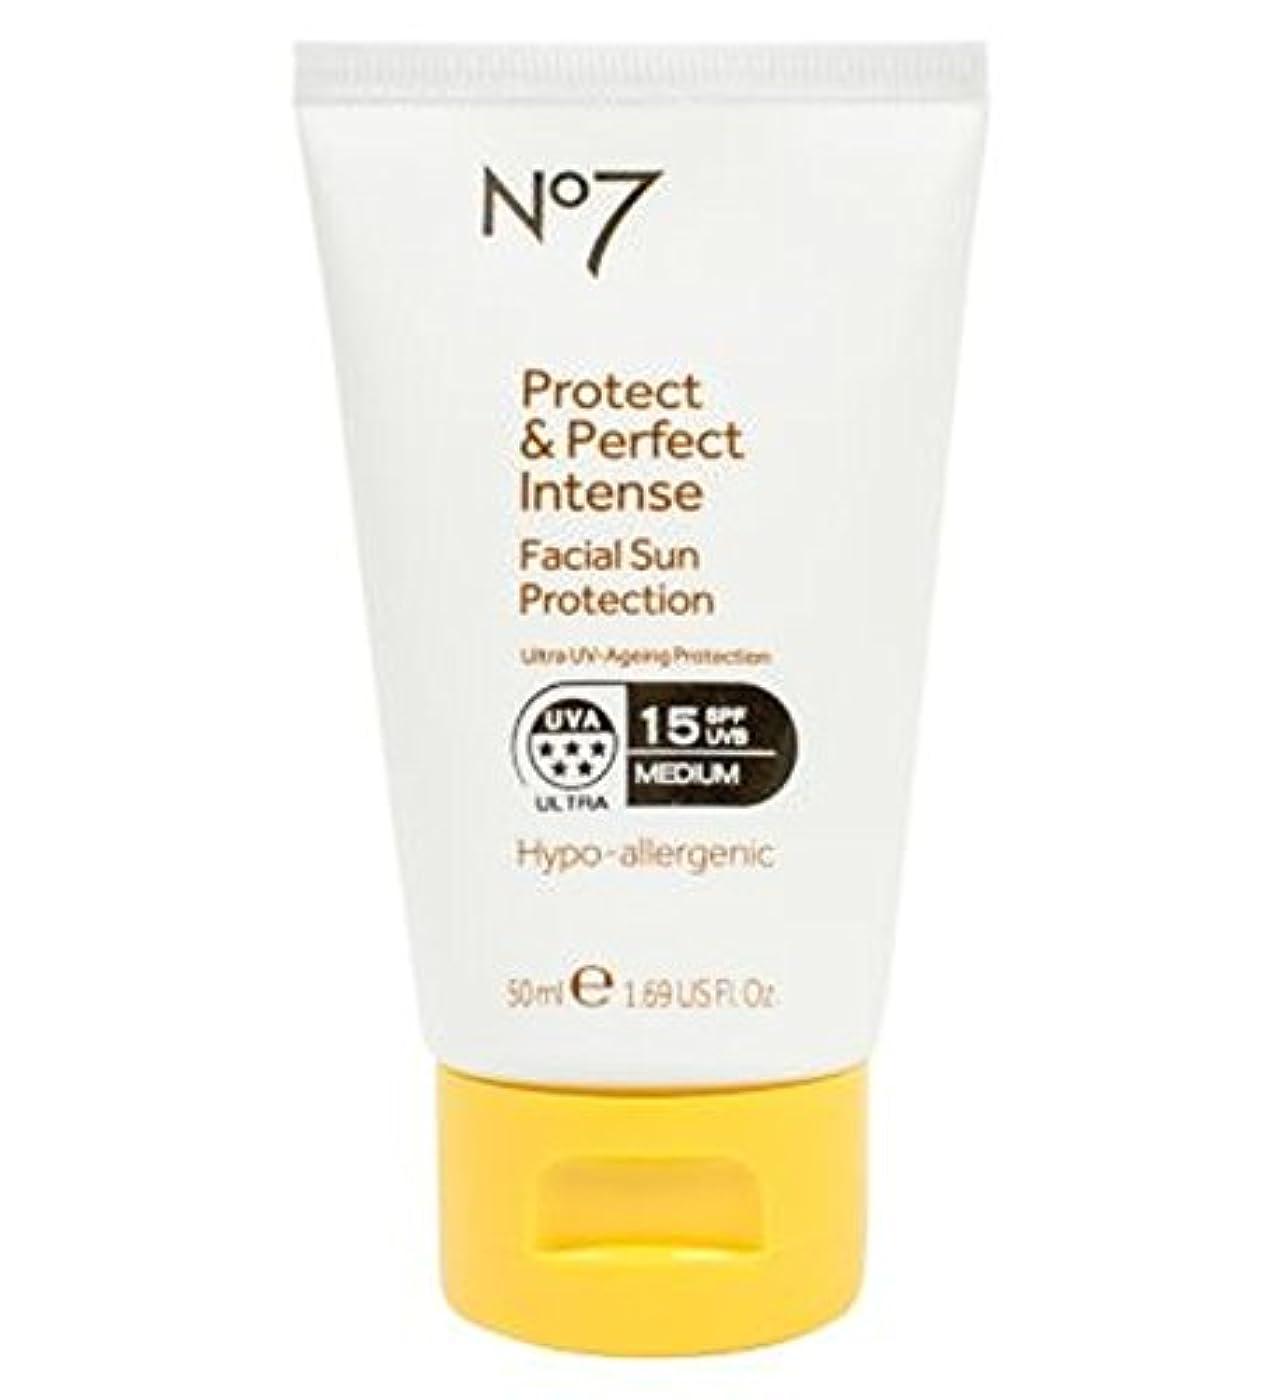 スペシャリスト木製やりすぎNo7 Protect & Perfect Intense Facial Sun Protection SPF 15 50ml - No7保護&完璧な強烈な顔の日焼け防止Spf 15 50ミリリットル (No7) [並行輸入品]